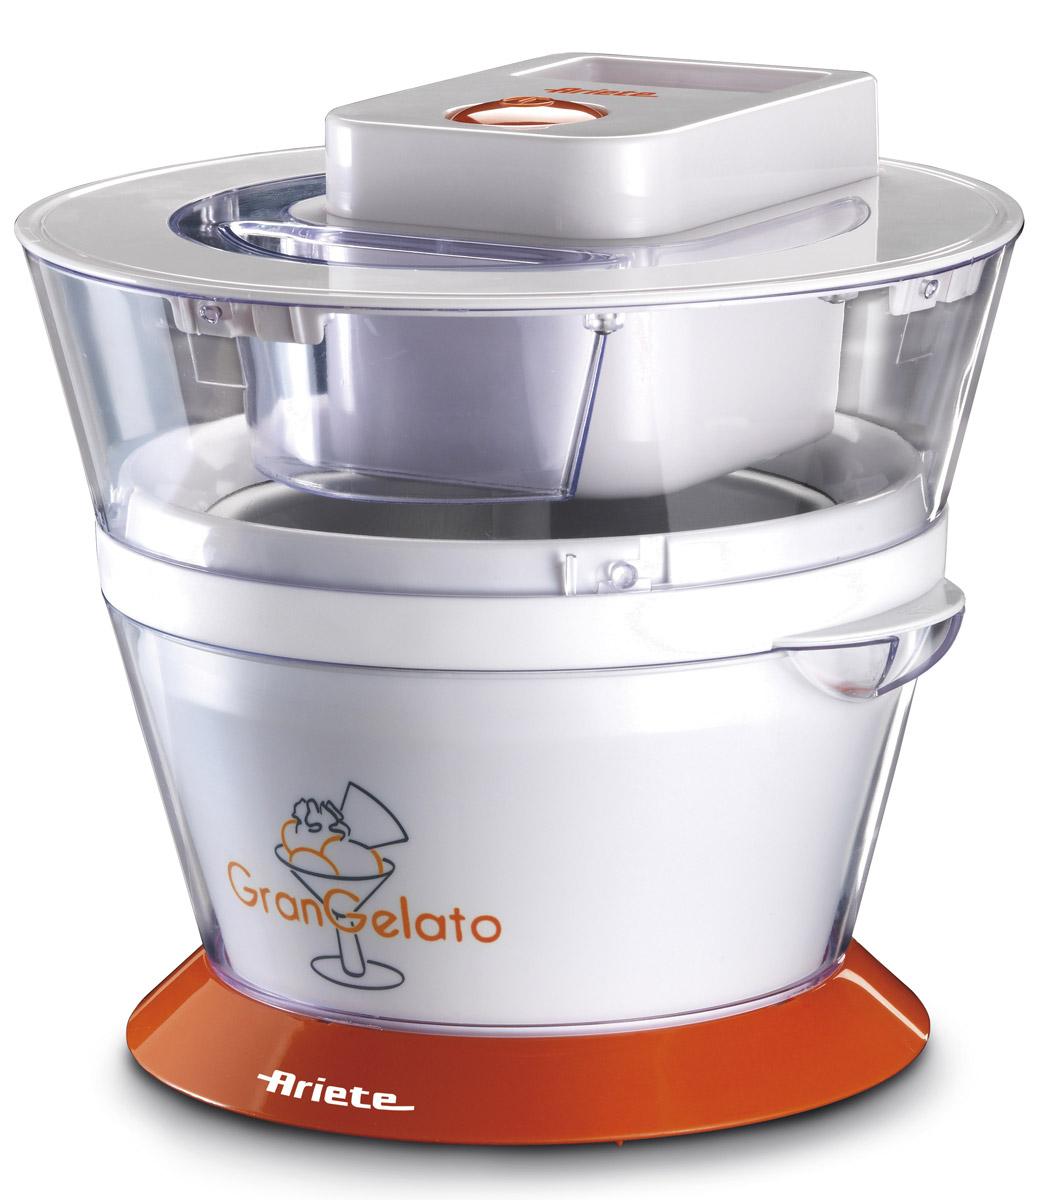 Ariete 638 Gran Gelato мороженица638Ariete 638 Gran Gelato — это удобная и компактная мороженица. В съемной чаше объемом 1 литр вы сможетеприготовить вкусное лакомство сразу для всей семьи.За счет съемных деталей Ariete 638 очень легко мыть, а эргономичный дизайн позволяет компактно хранитьприбор. Аппарат специально оборудован прозрачной крышкой для удобства контролирования процессаприготовления.Теперь у вас есть шанс приготовить вкусное мороженое меньше, чем за час. Все, что от вас потребуется, — этопоместить в мороженицу необходимые ингредиенты и после приготовления поместить мороженое в холодильникохладиться.